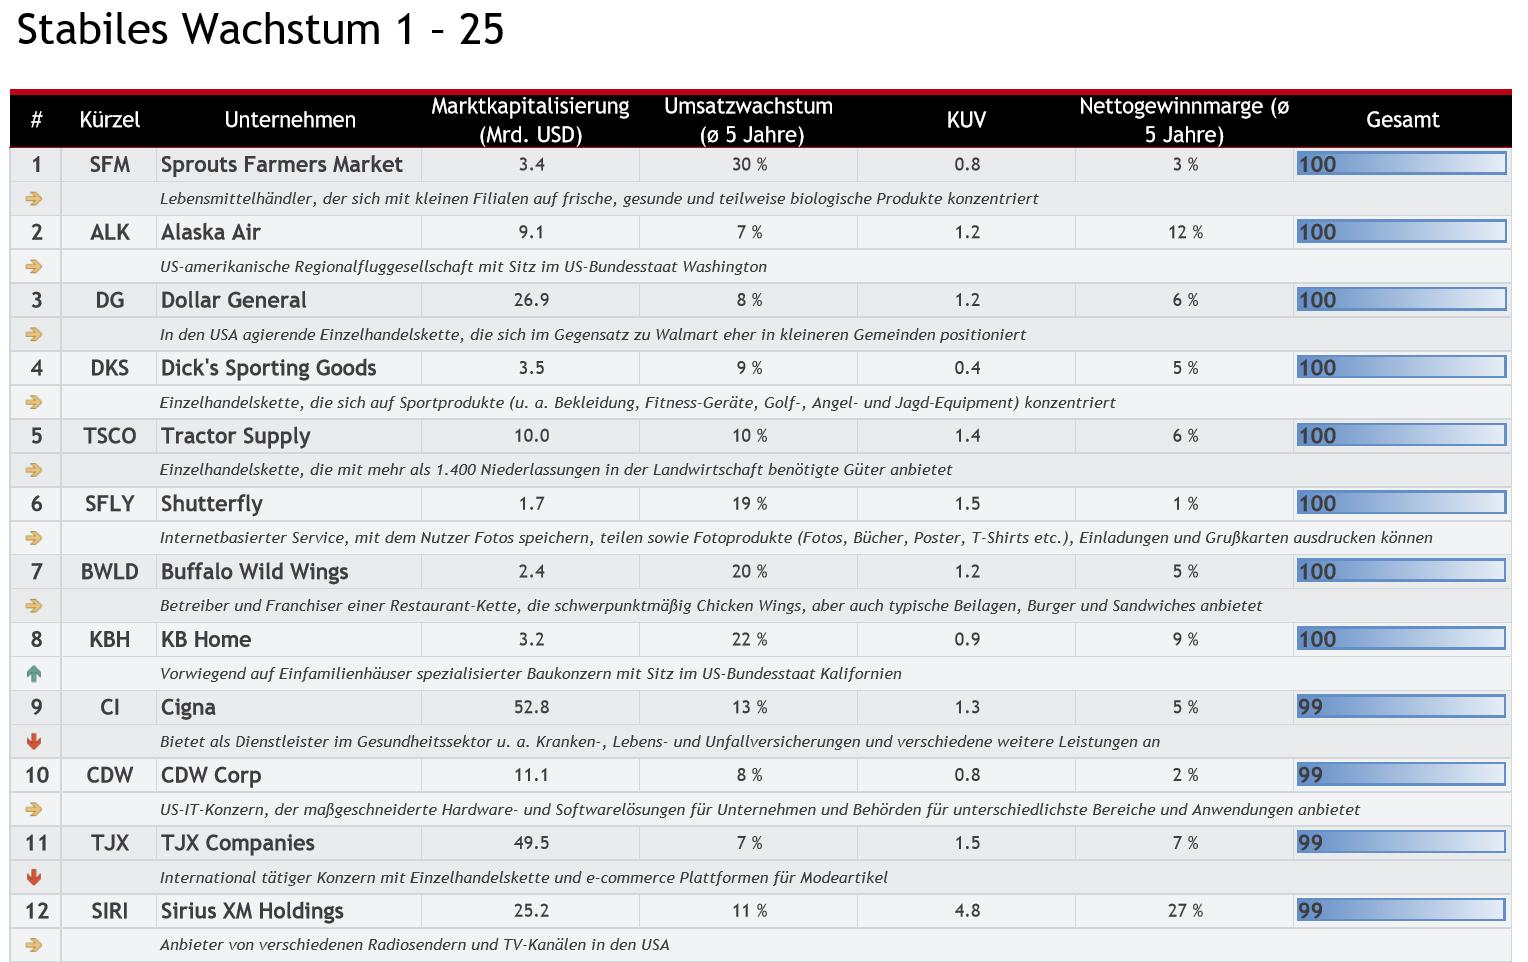 Die Top-10-Aktien der am stabilsten wachsenden Unternehmen der USA